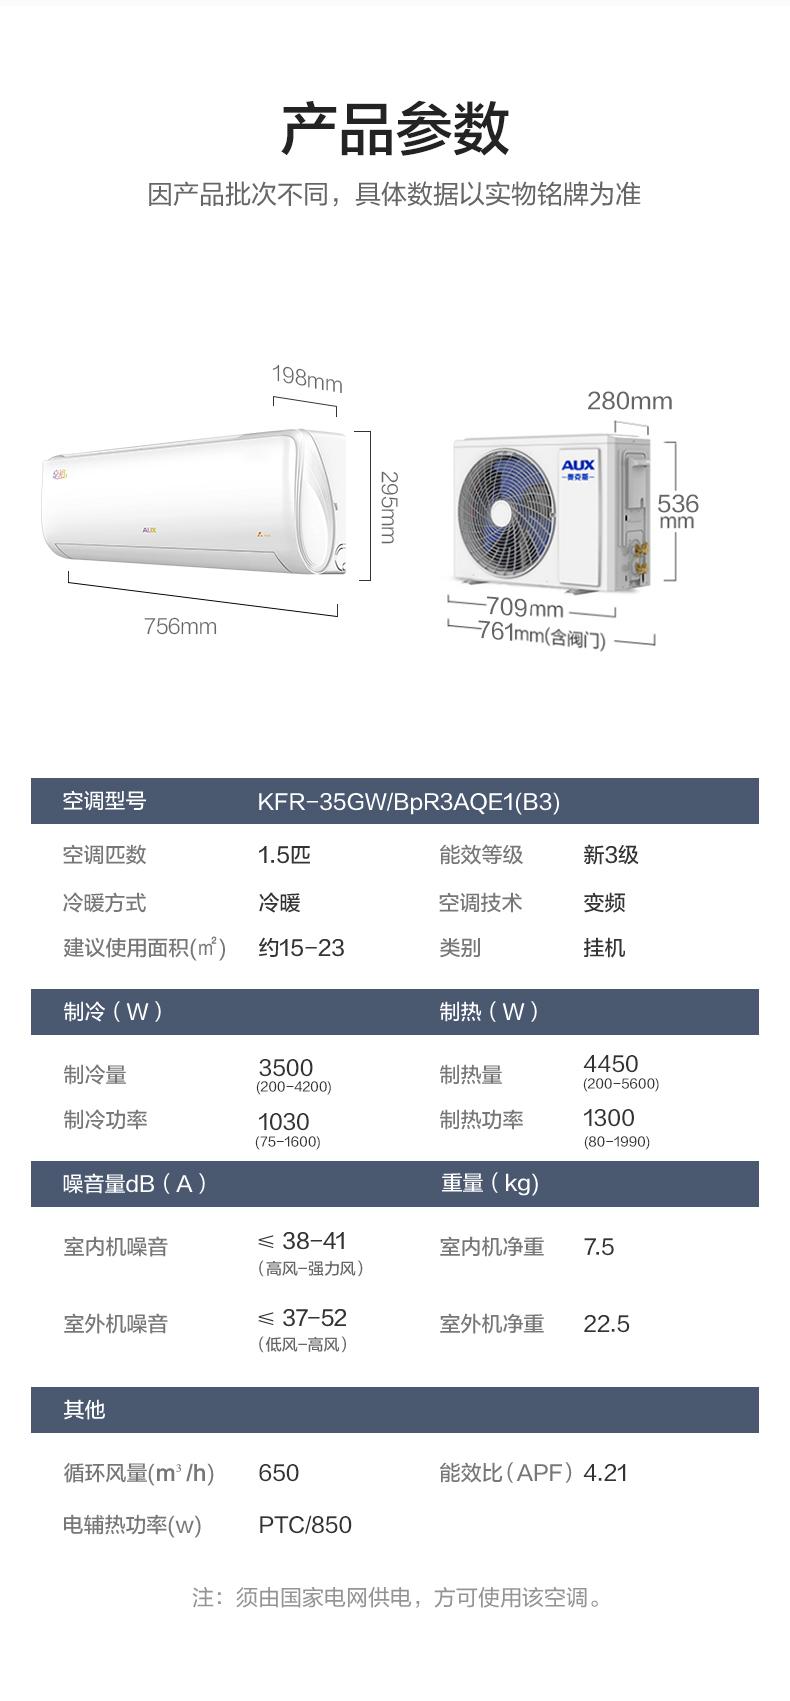 37821-奥克斯 (AUX) 1.5匹 新3级能效 易拆银离子滤网 变频冷暖 京裕Ⅱ空调挂机(KFR-35GW/BpR3AQE1(B3)) 以旧换新-详情图